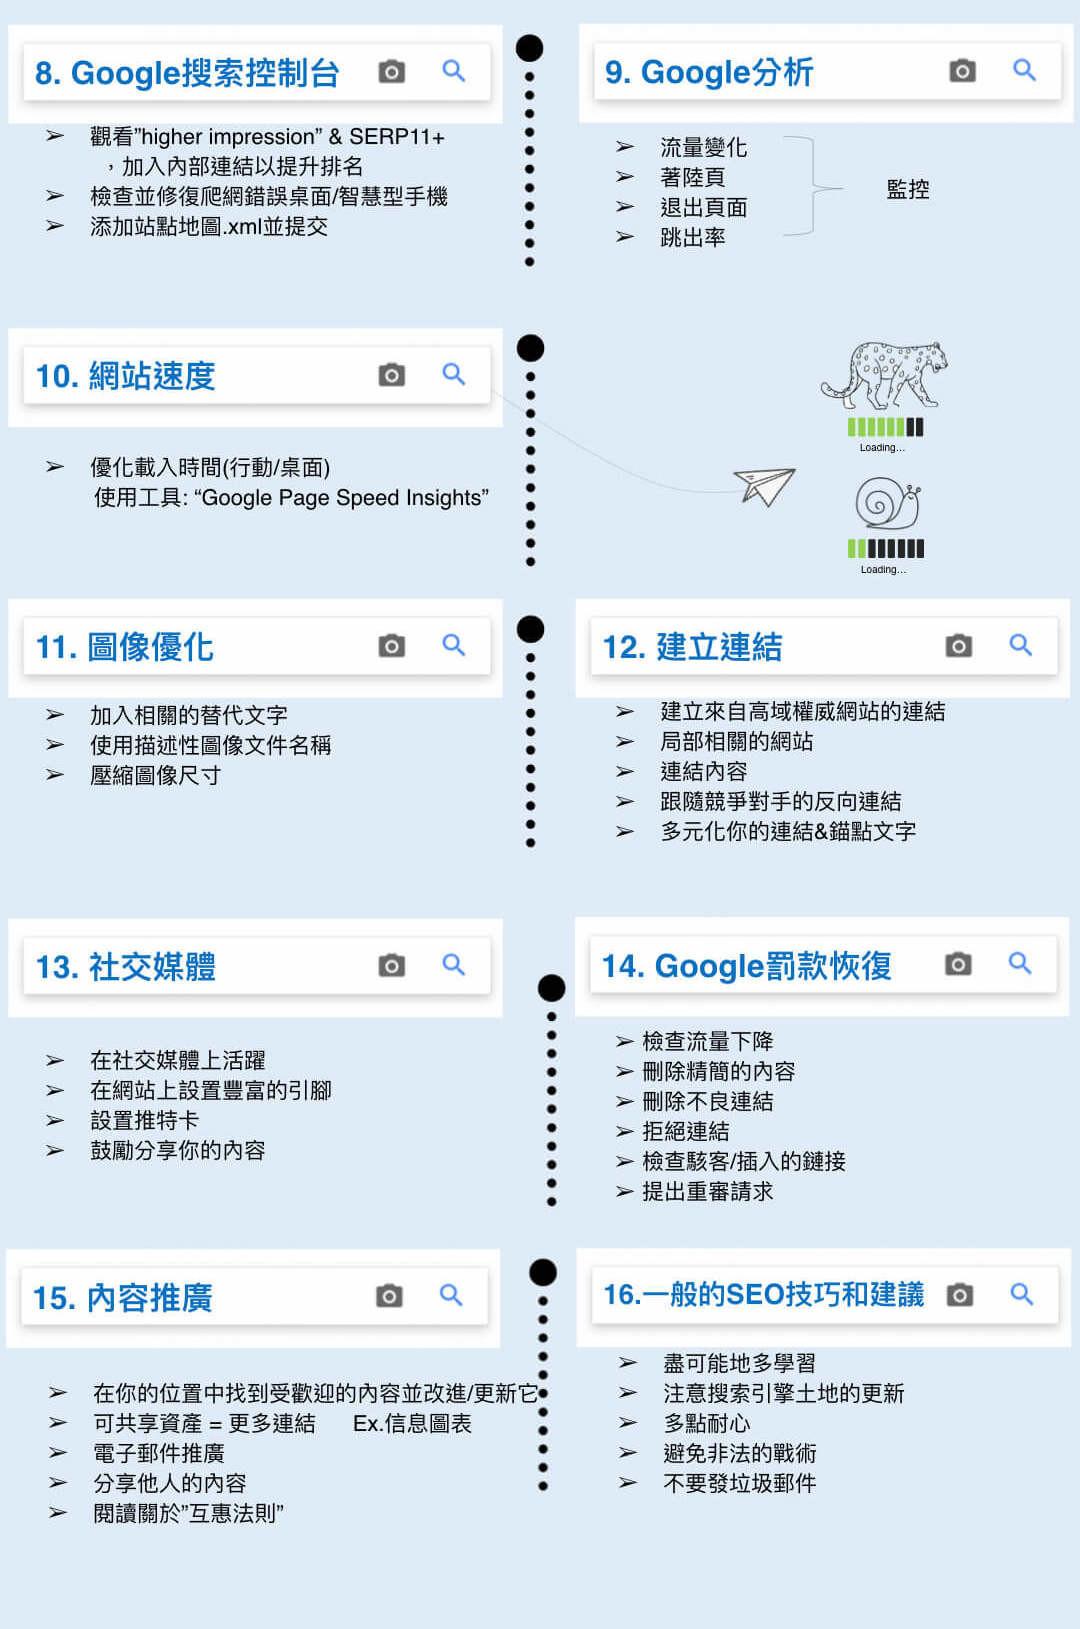 SEO行銷優化清單下半部-鯊客科技SEO優化公司